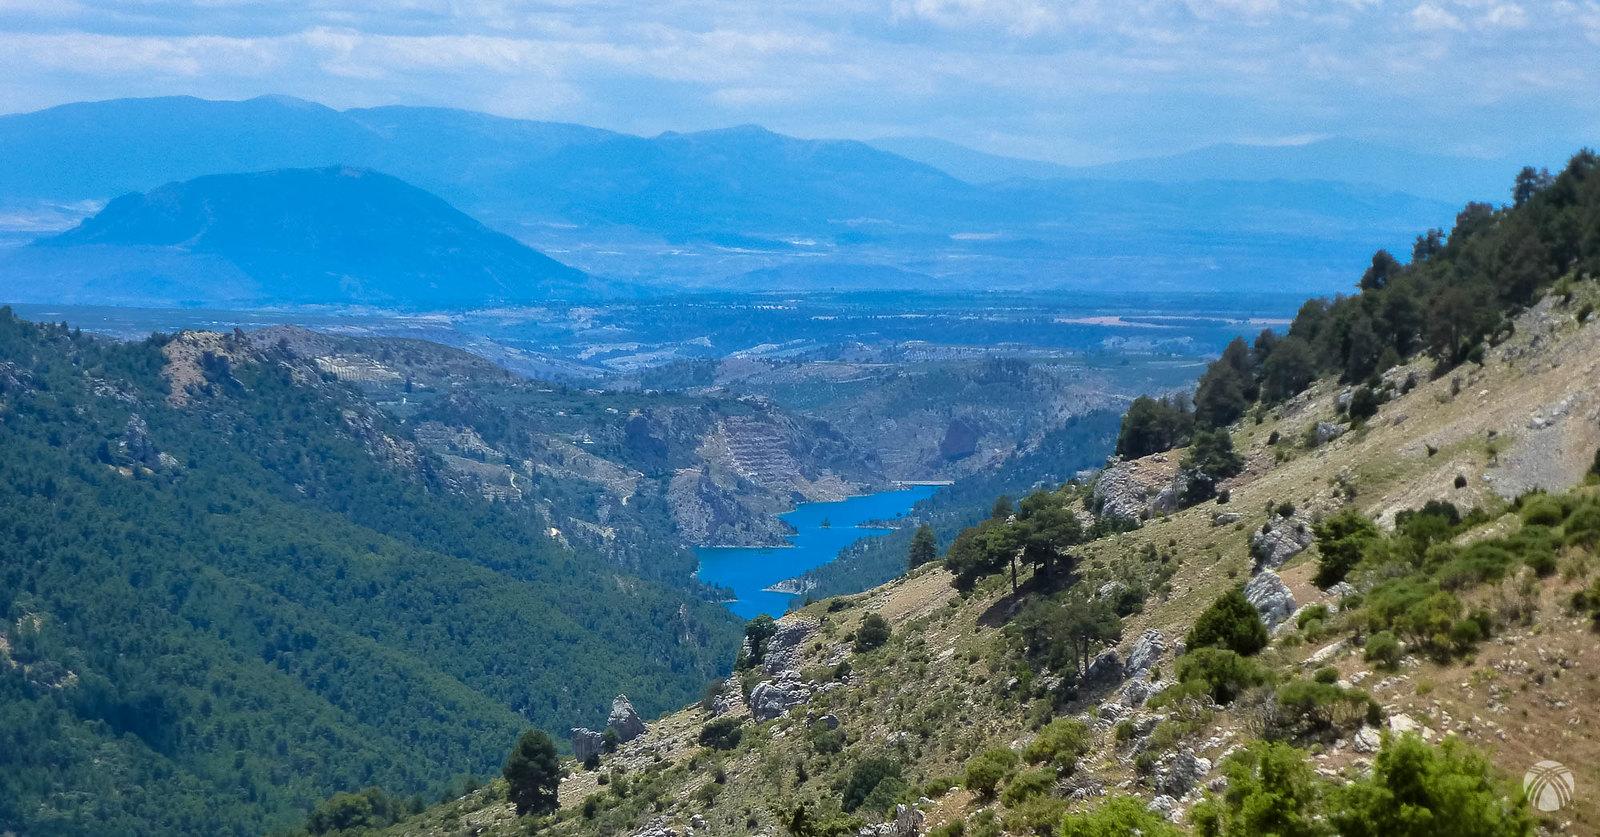 De nuevo, embalse del Portillo, Jabalcón, Baza y sierra Nevada